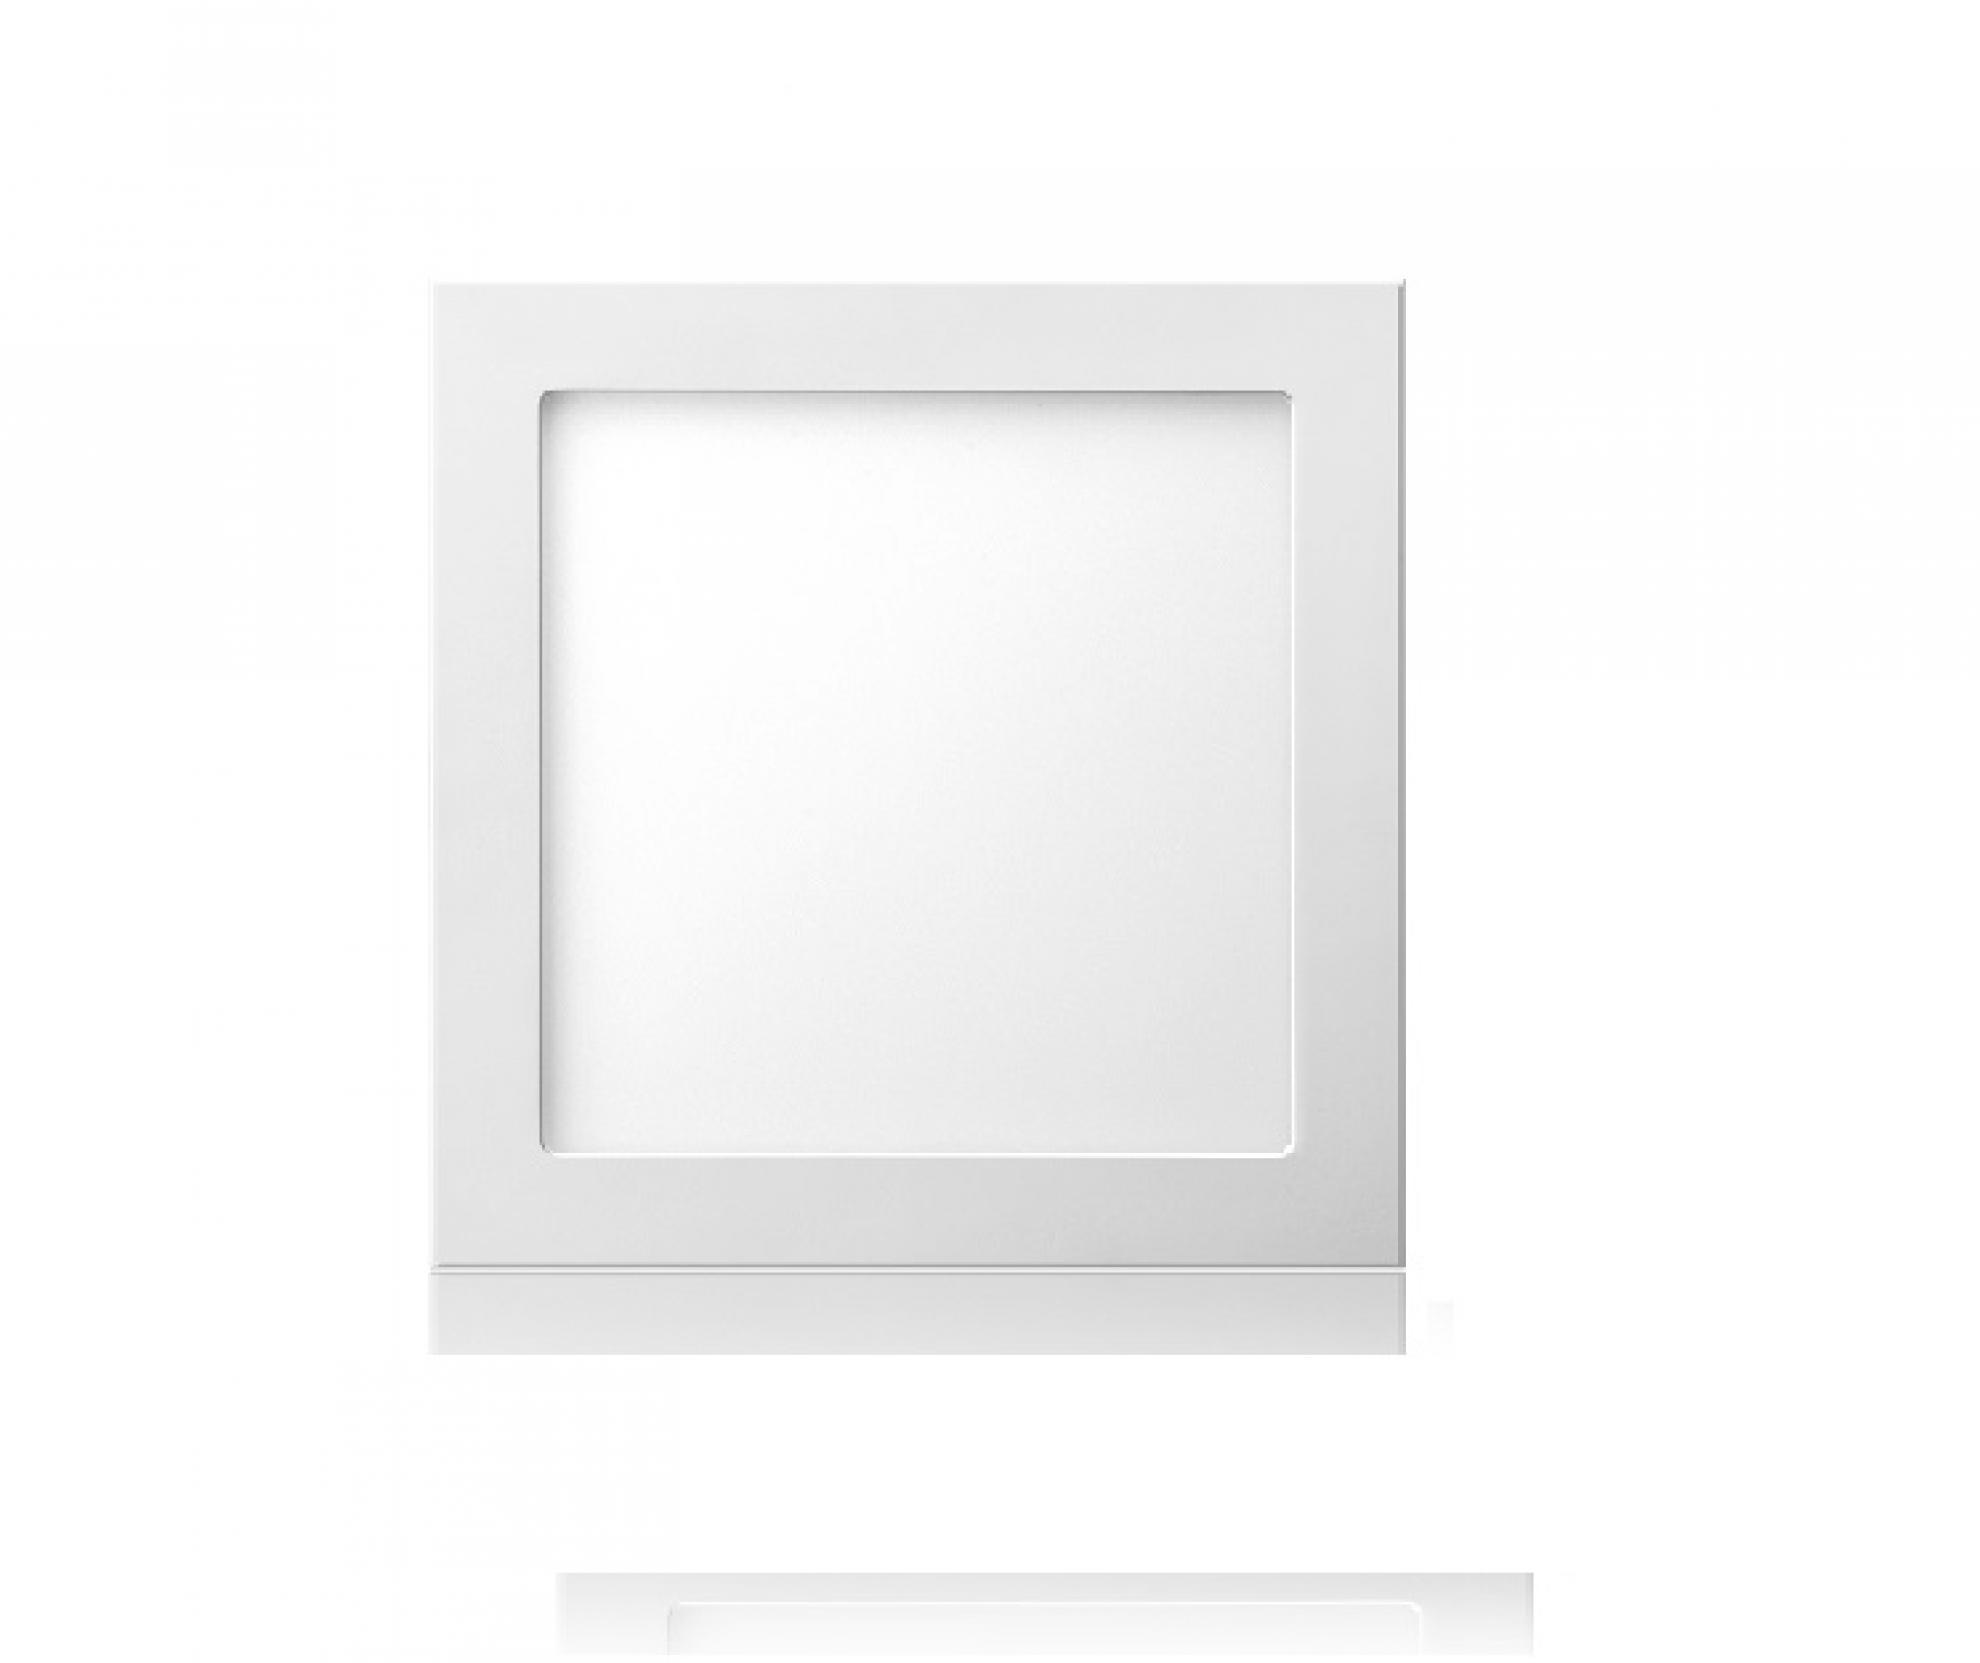 Plafon LED embutir - 18W